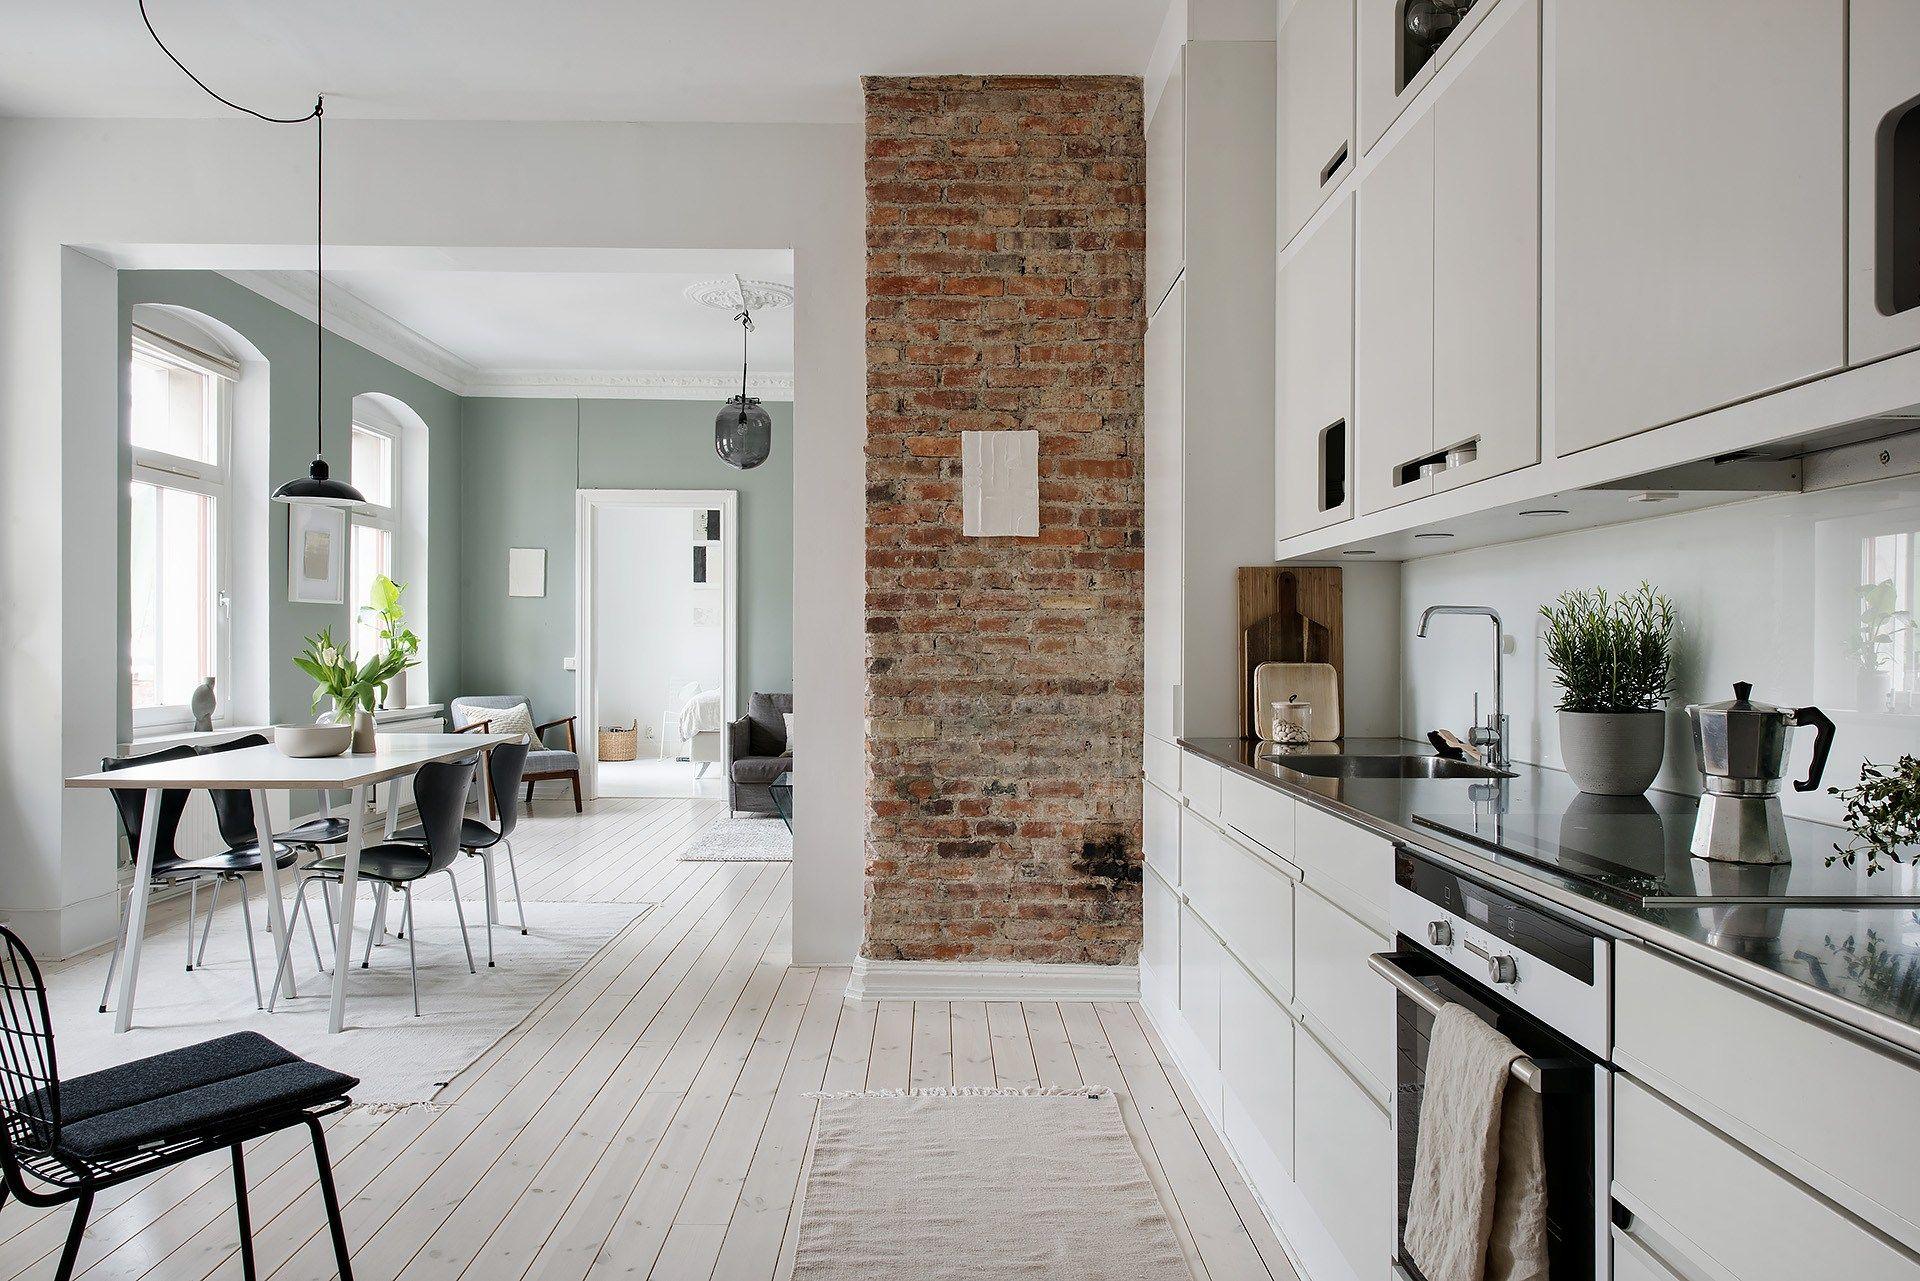 fresh home in green kitchen interior green apartment brick interior on kitchen interior green id=99314